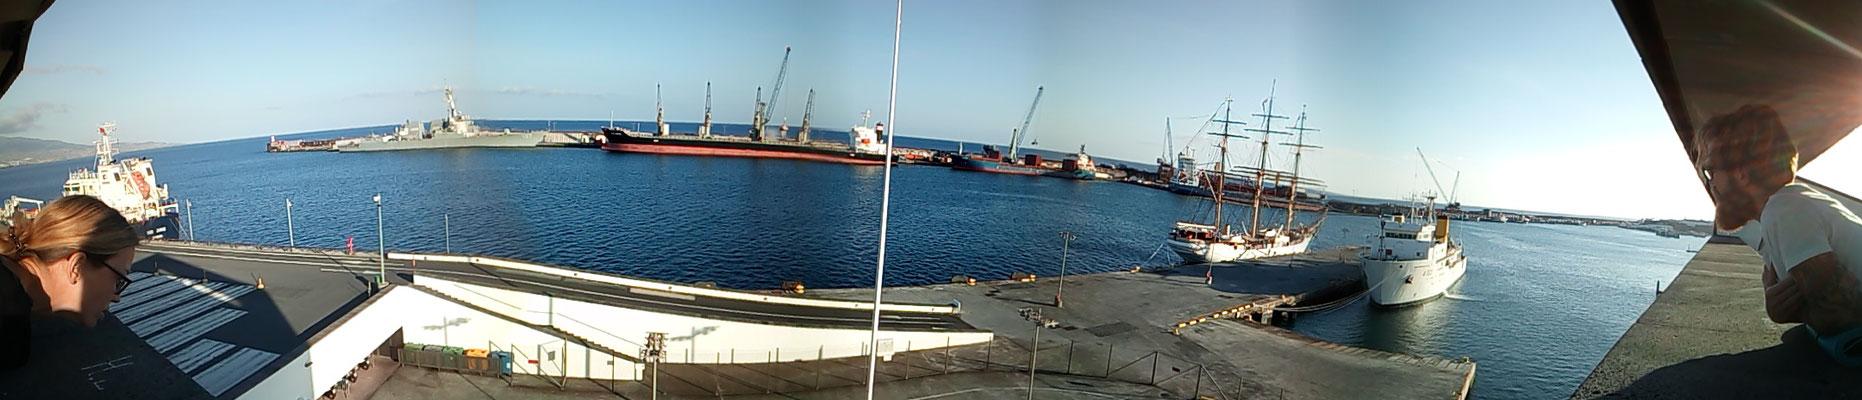 Hafeneinfahrt Ponta Delgada